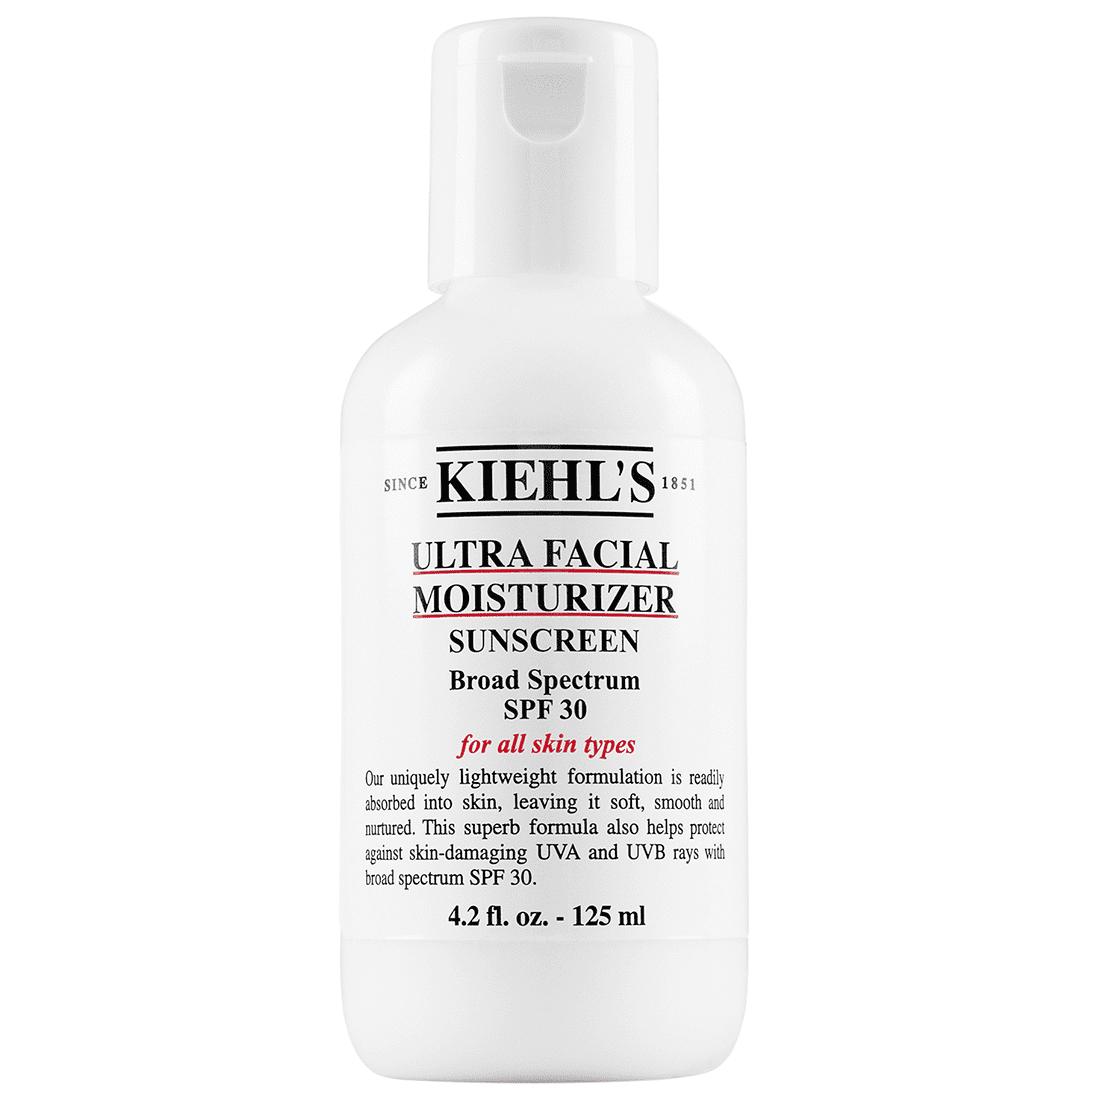 kiehls-ultra-facial-moisturizer-spf-30